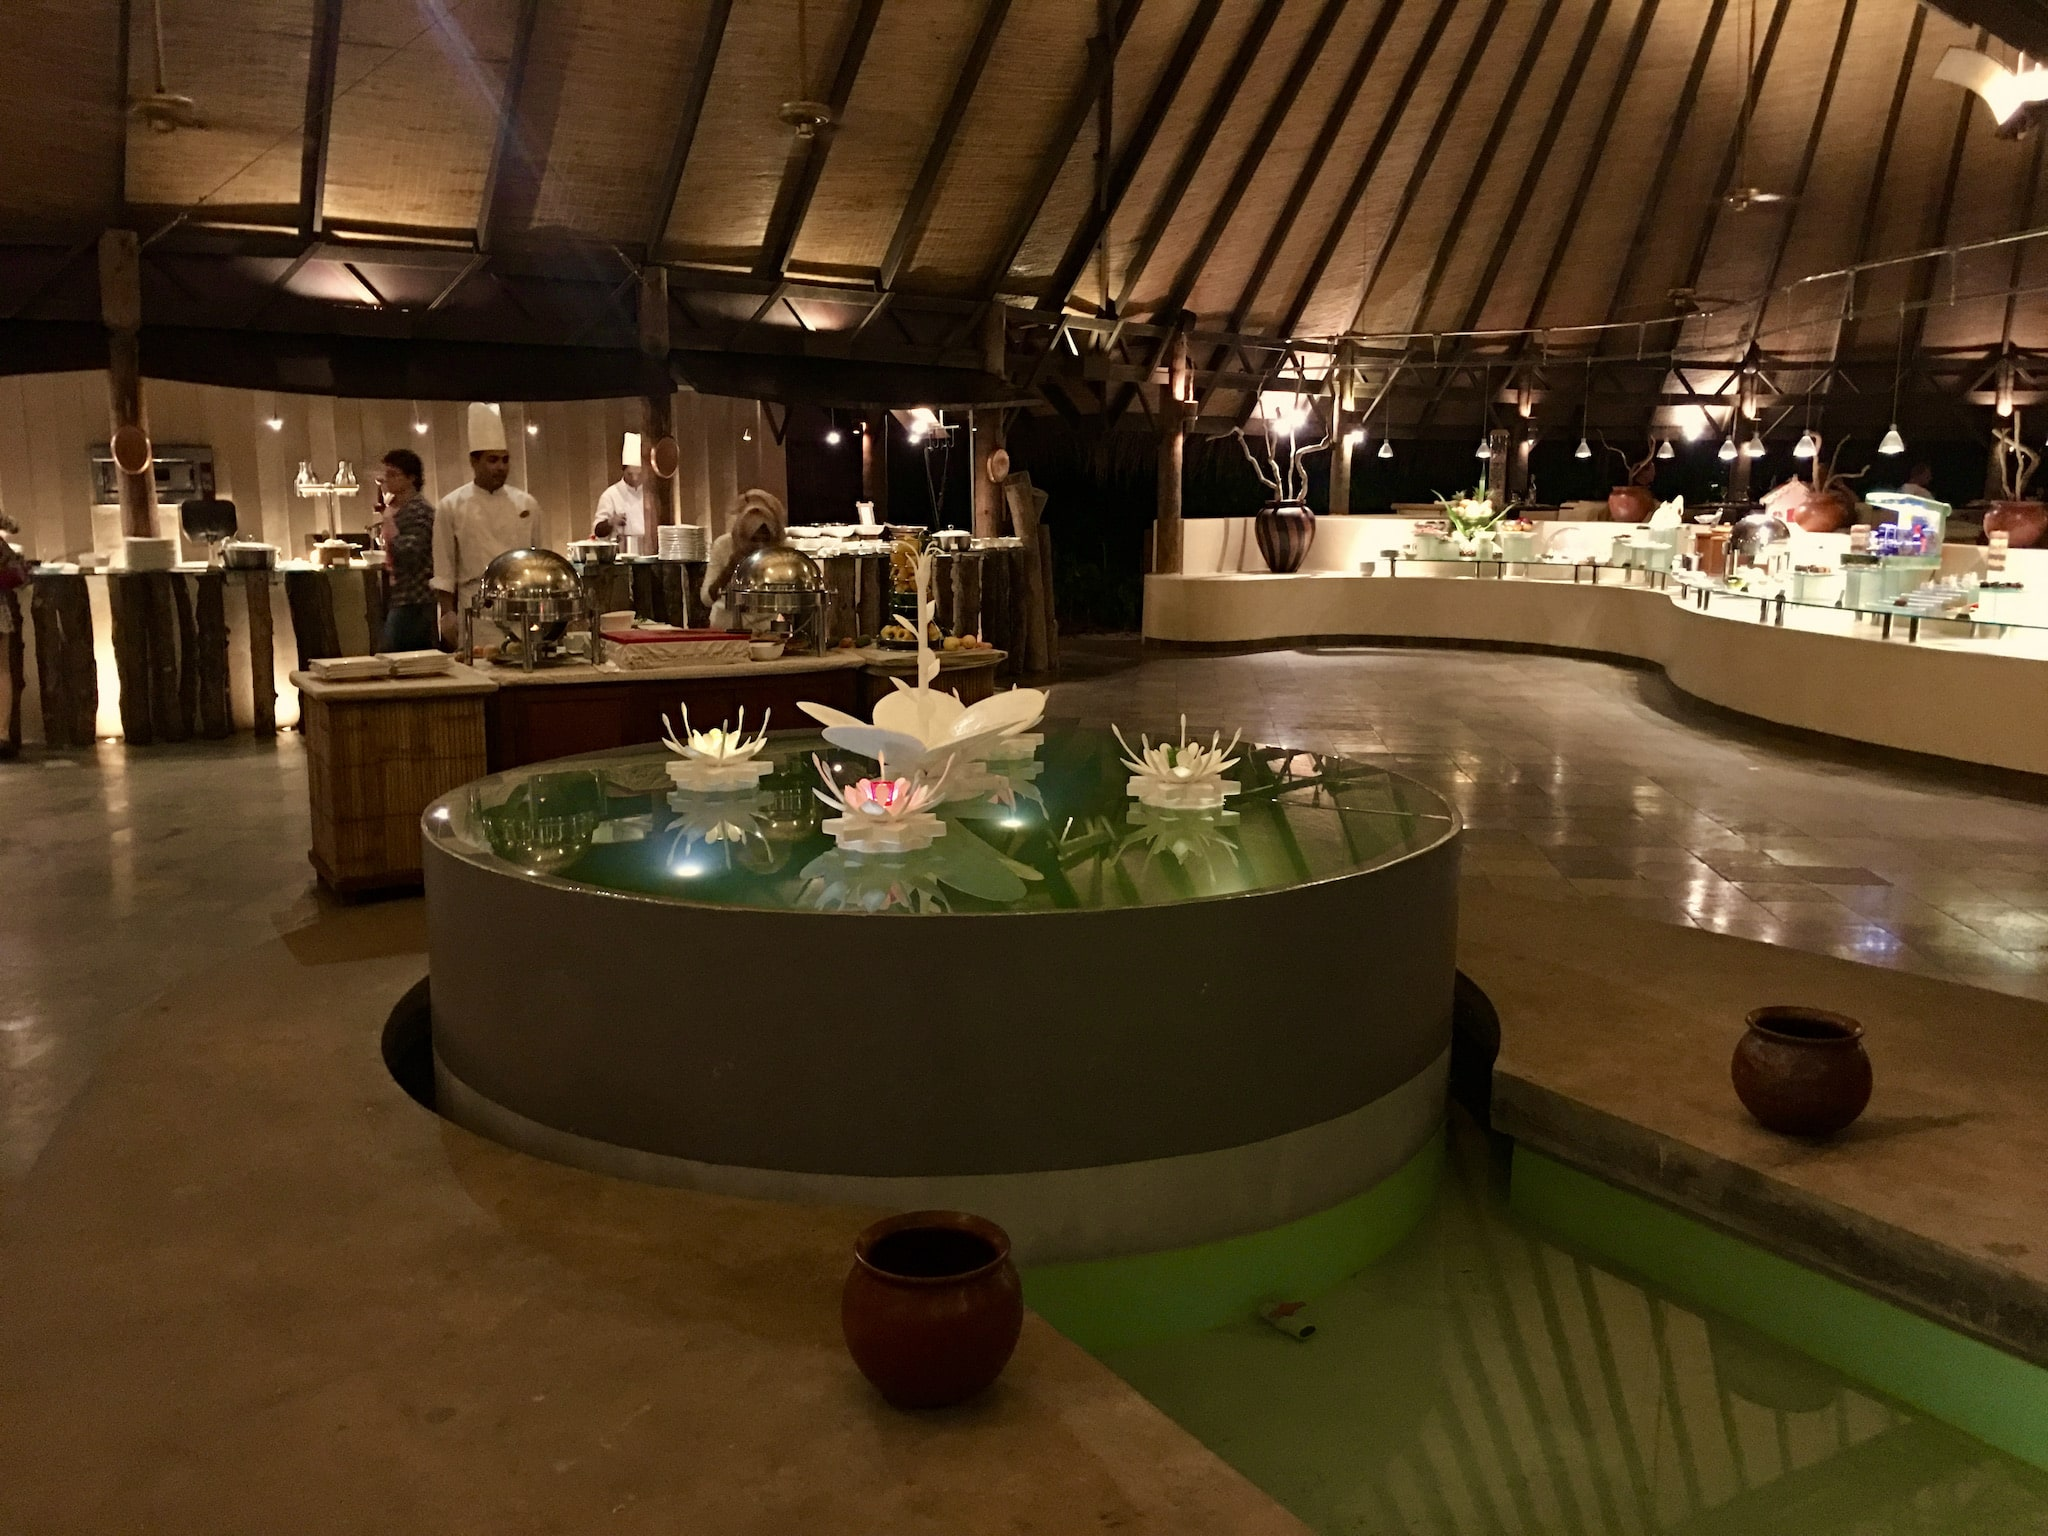 Restaurant auf einer Resortinsel: Im Grunde kann man sich den ganzen Tag kulinarischen Genüssen hingeben – All Inclusive ist allerdings dringendst empfohlen, sonst kann es sehr teuer werden. Foto: Sascha Tegtmeyer Reisebericht Malediven Tipps